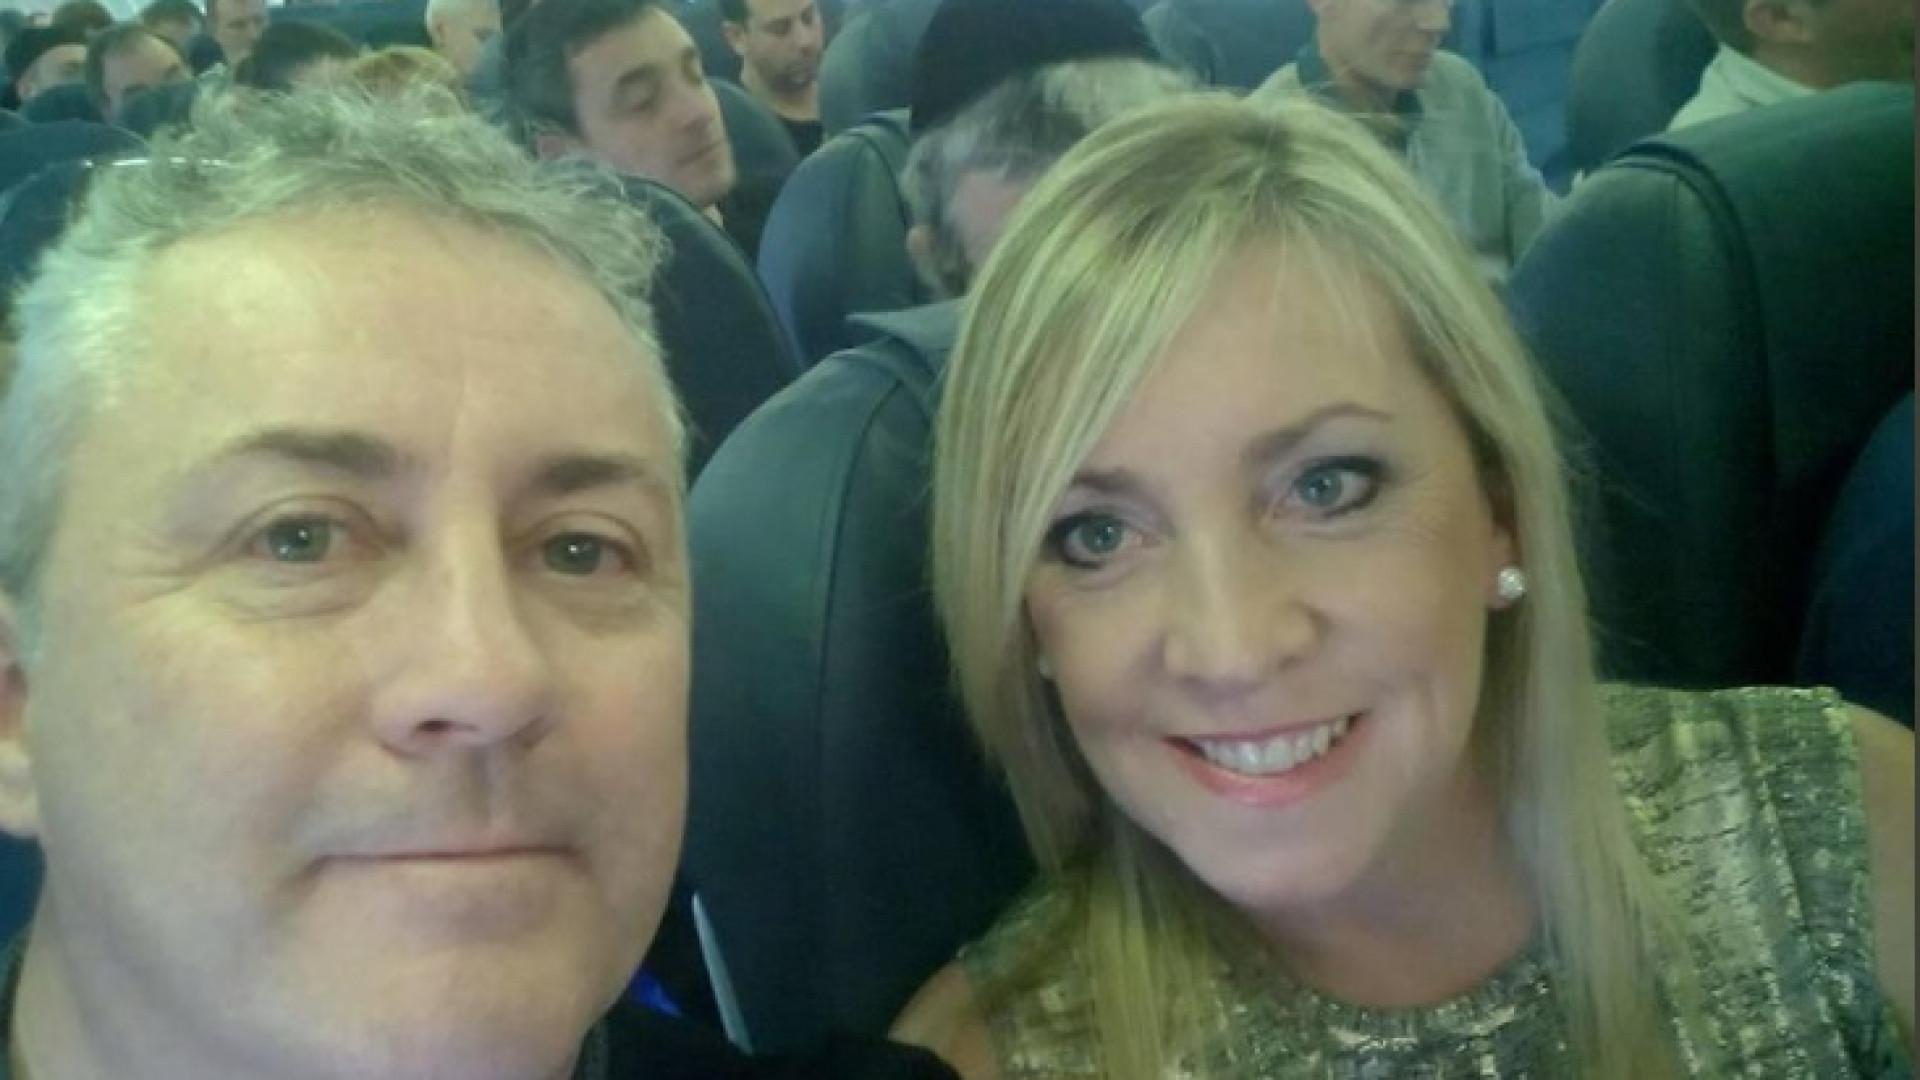 Mulher de David Ibbotson quebra silêncio após tragédia com Emiliano Sala